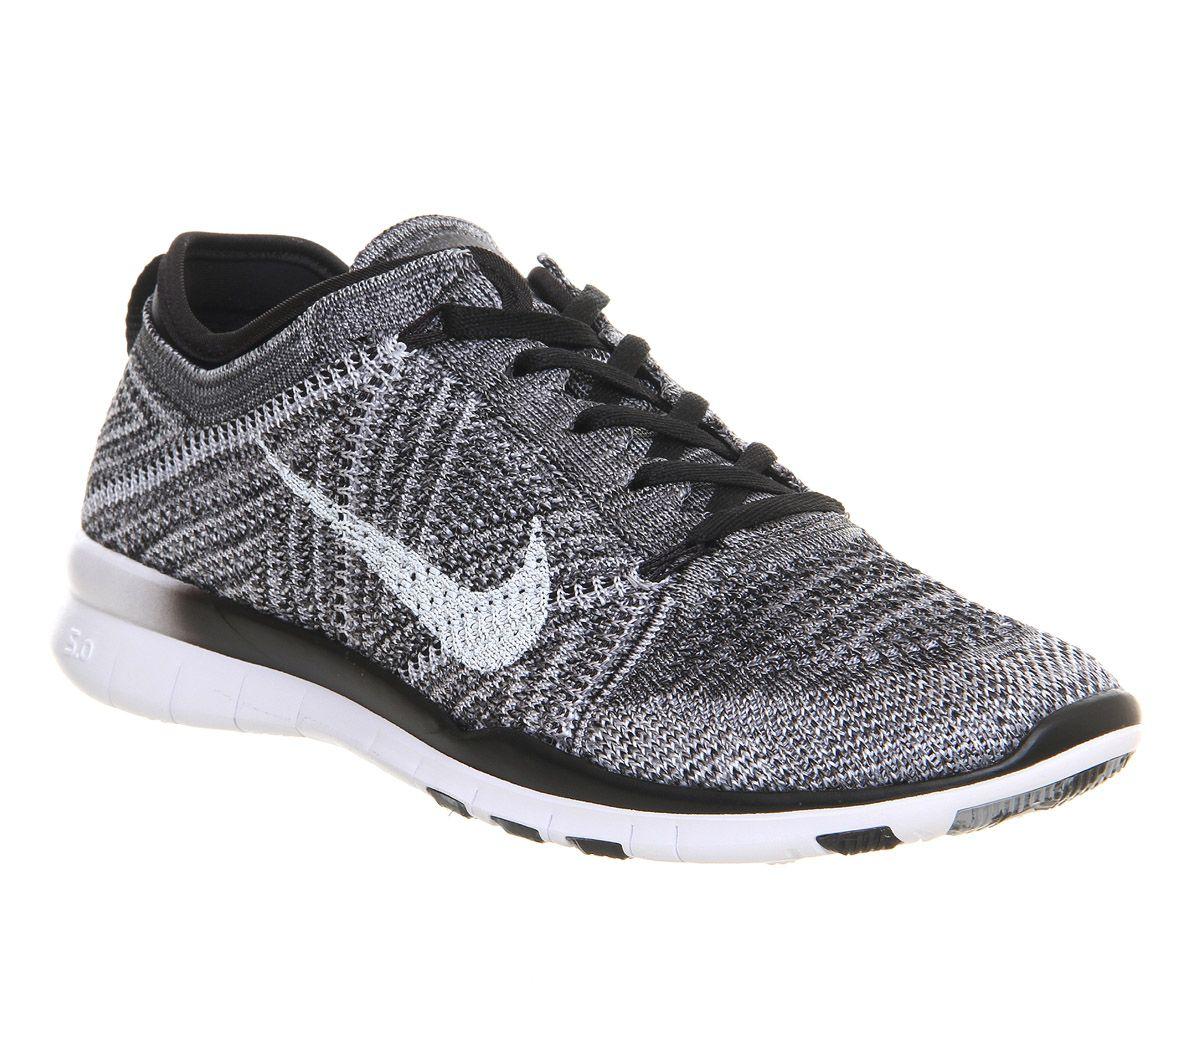 Nike Free 5.0 Noir  / Gris Foncé  / Gris Tourterelle  / Blanc Confortable